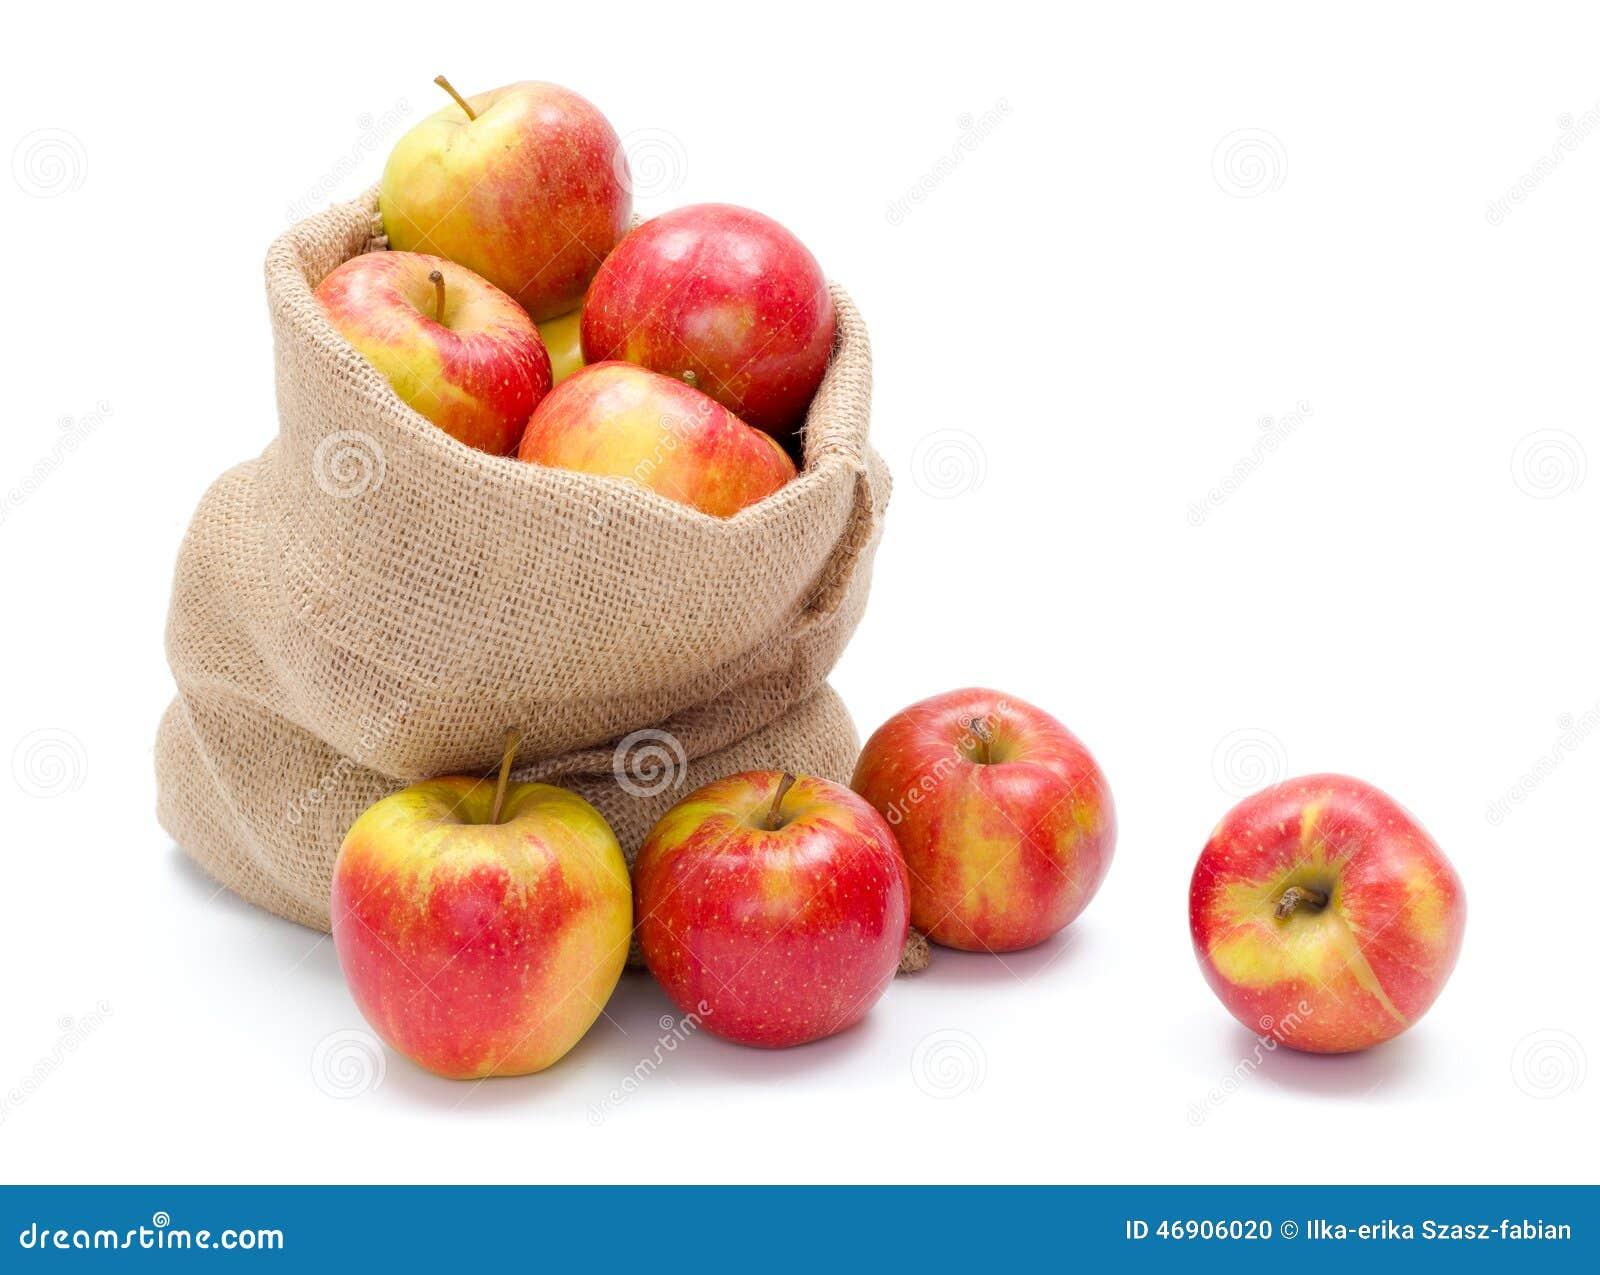 Manzanas maduras en saco de la arpillera stock photos 10 - Saco arpillera ...